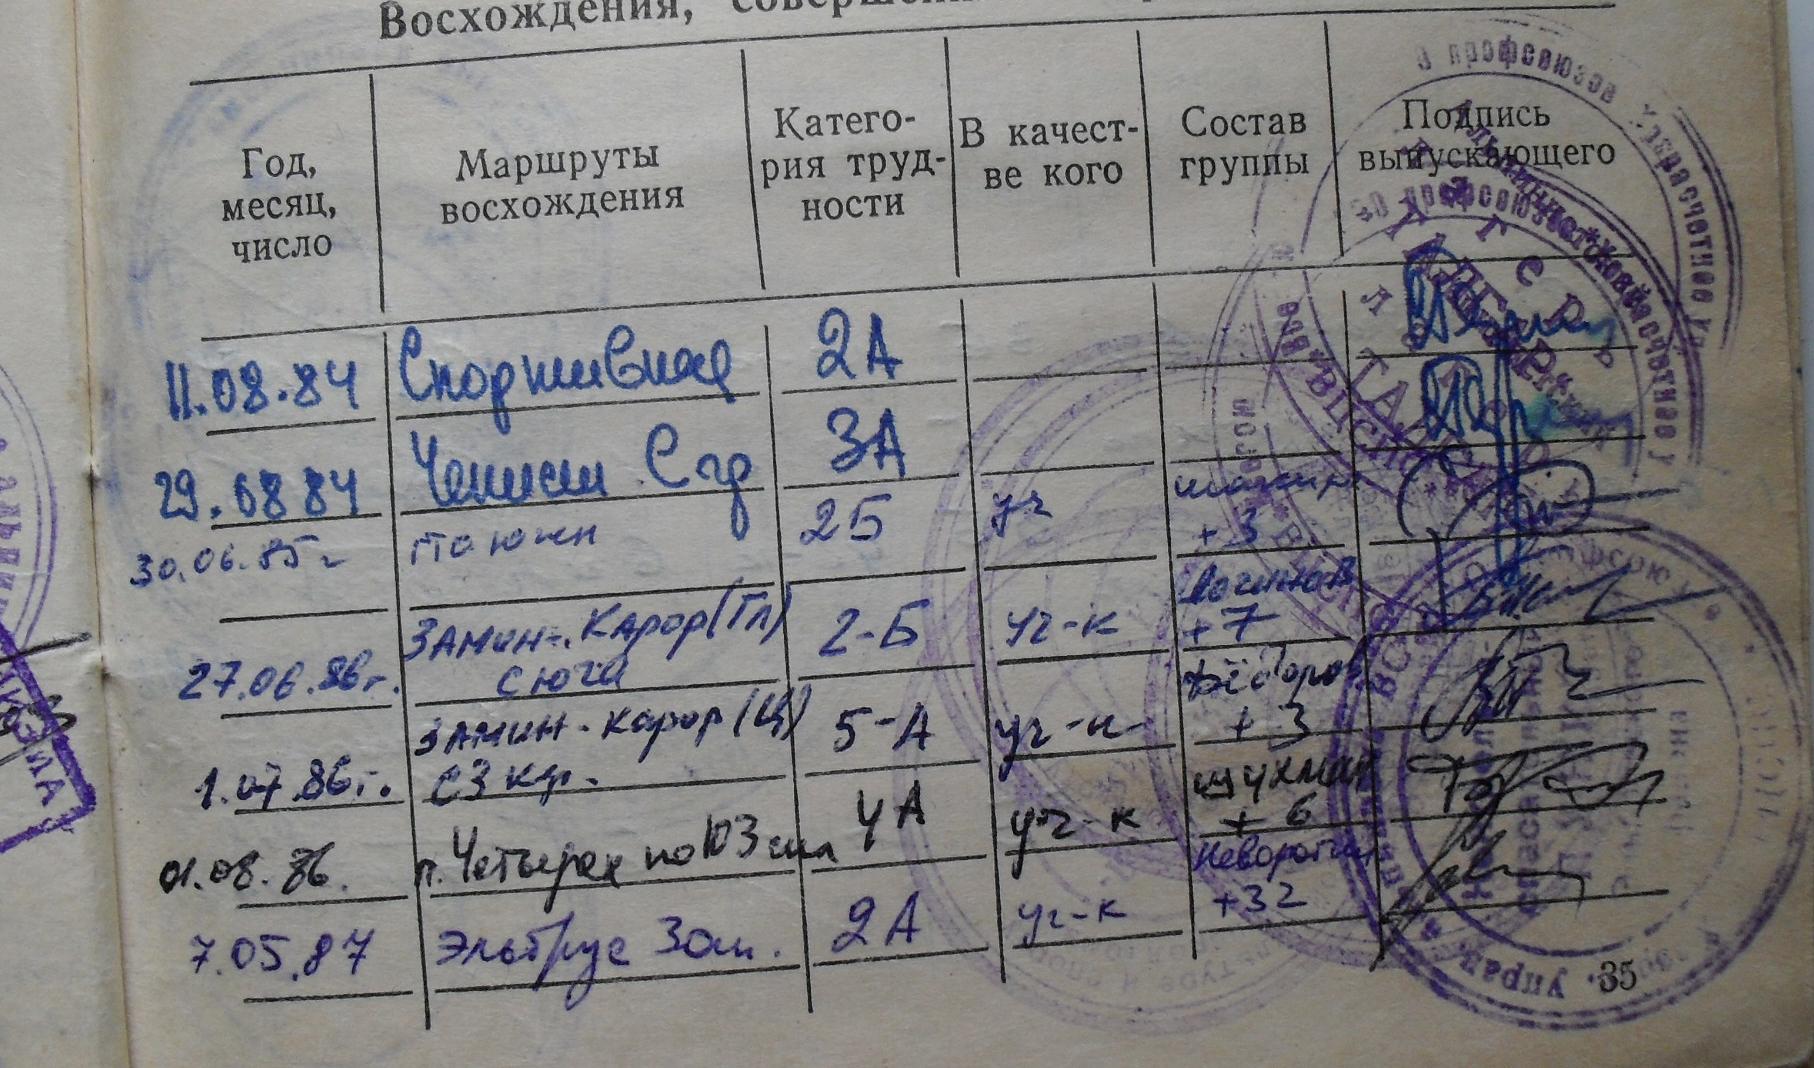 Из книжки альпиниста-разрядника Примечательное восхождение 7 мая 1987 года на Эльбрус с Вадимом Неворотиным ( 32 участника, Эльбрус 2А)